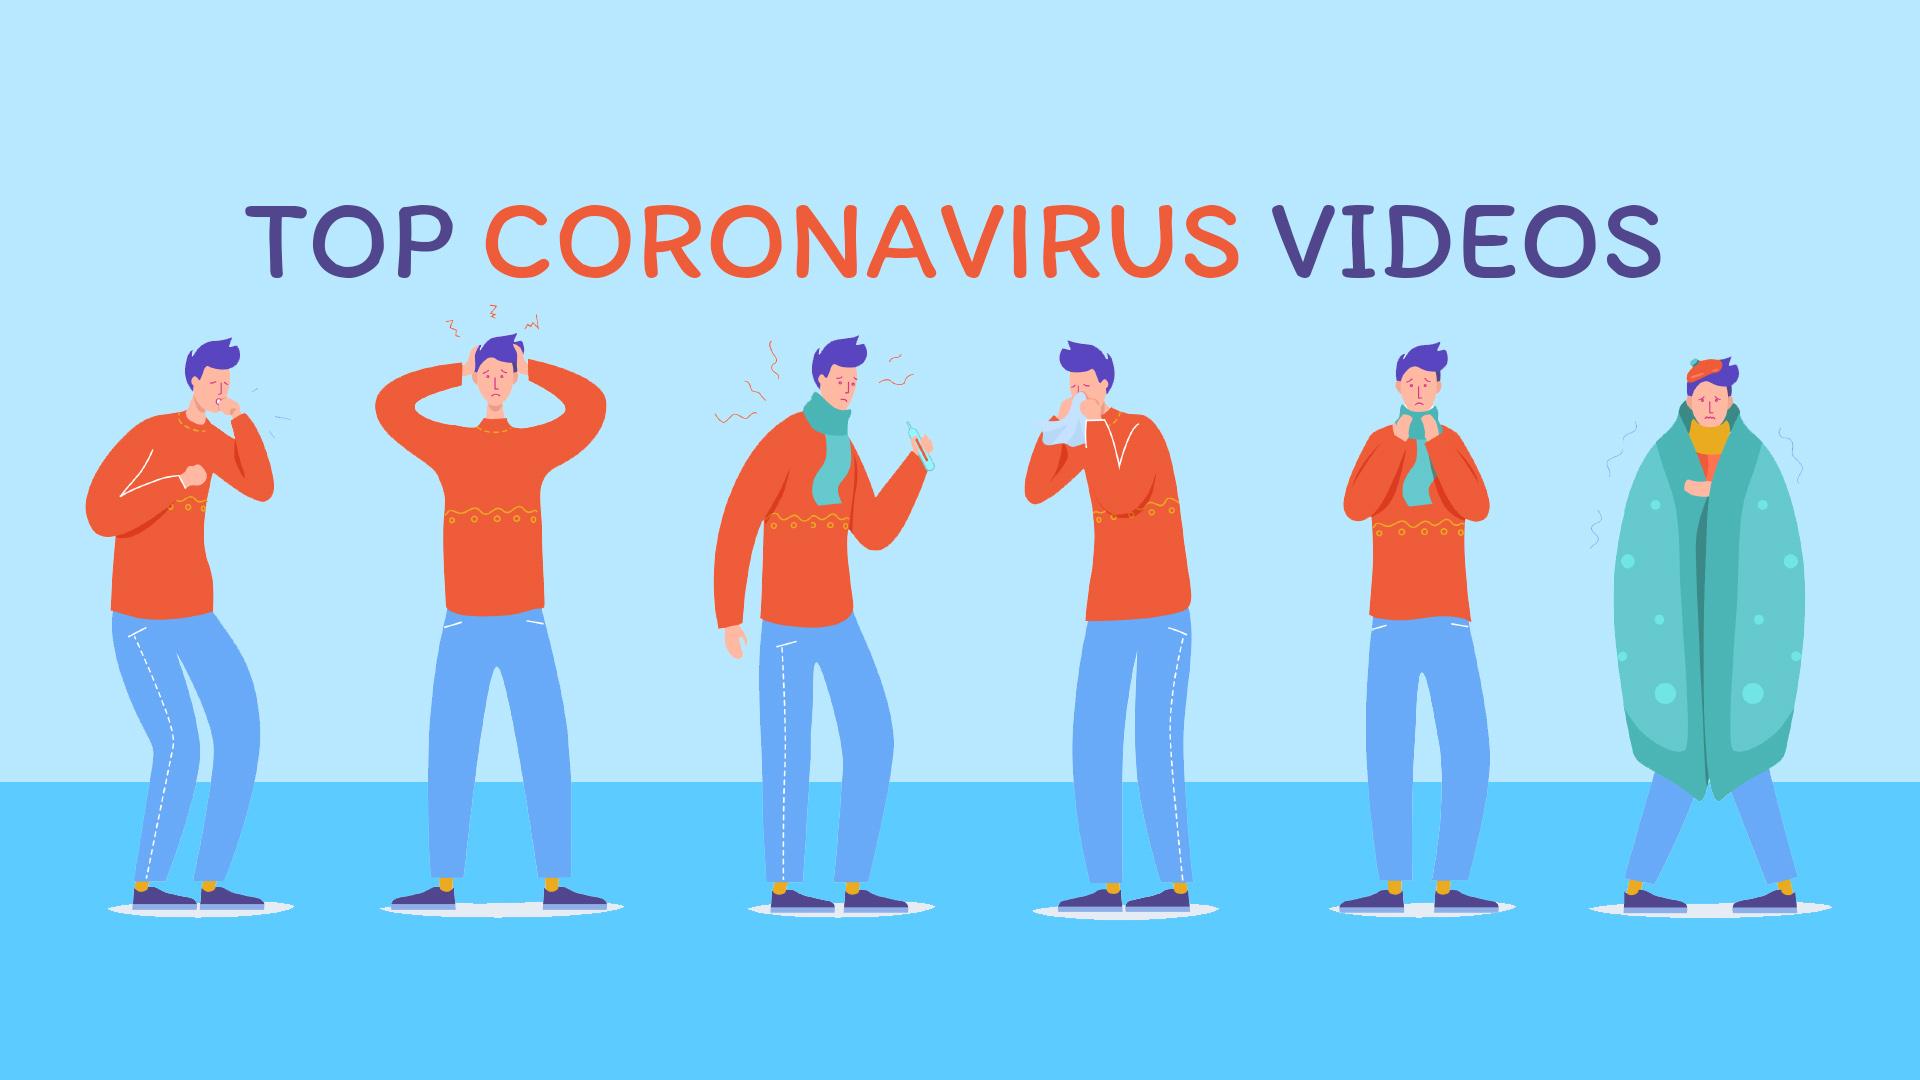 Coronavirus Animated Video 2020